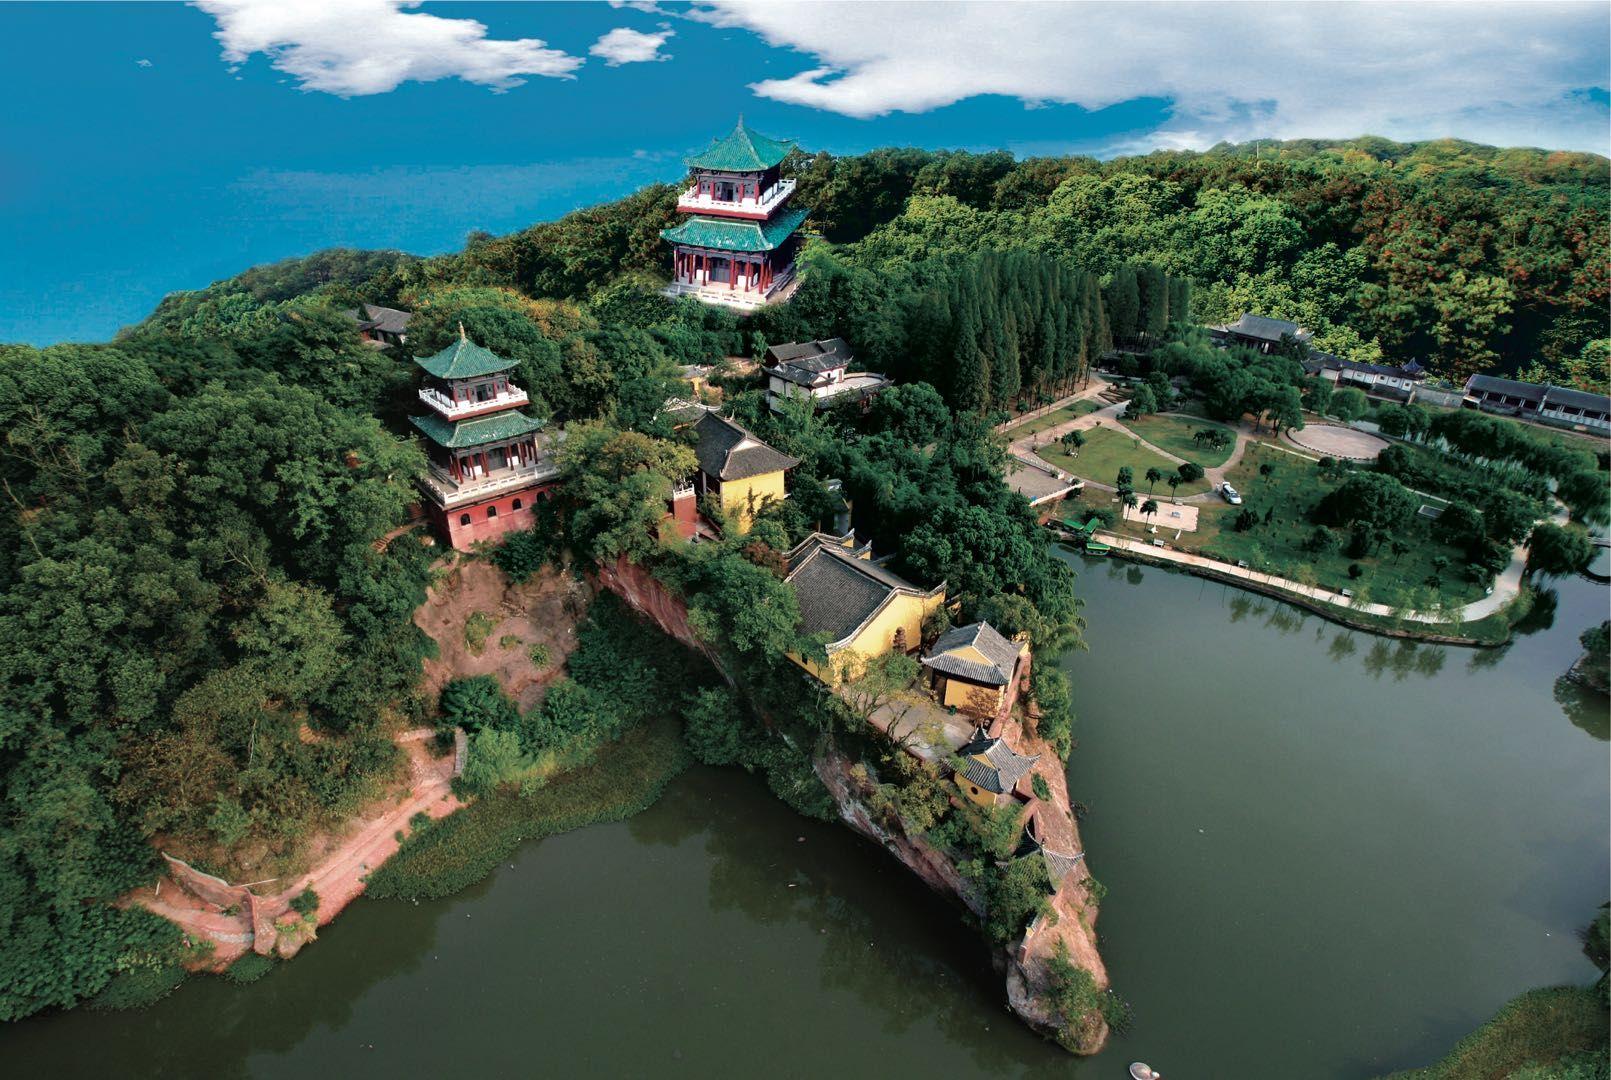 游东坡赤壁、品东坡美食,新京报带你体验湖北黄冈东坡游图片